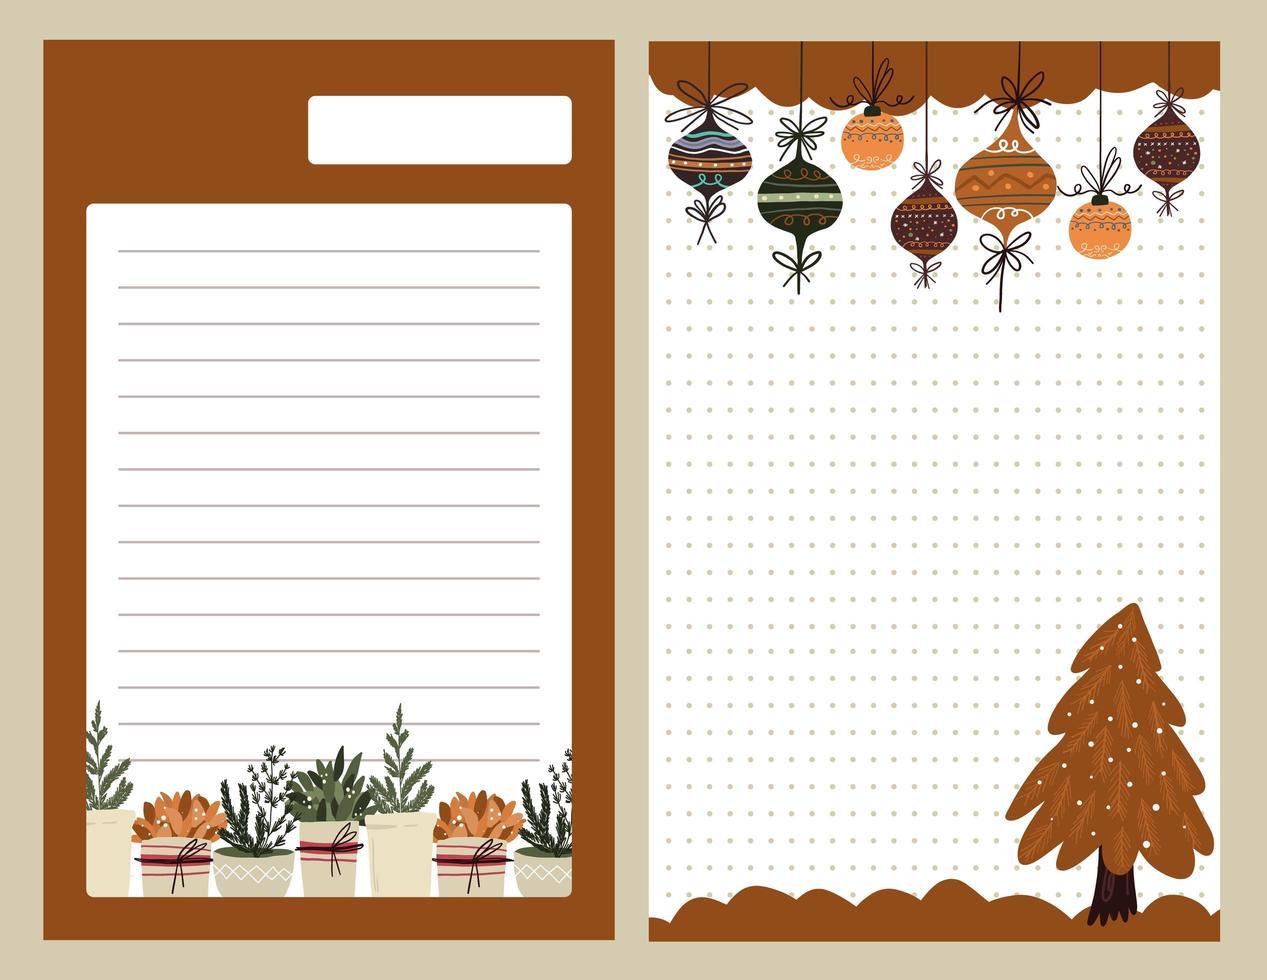 Weihnachtsfeiertagsaufkleber, Tagebuch, Notizen gesetzt vektor